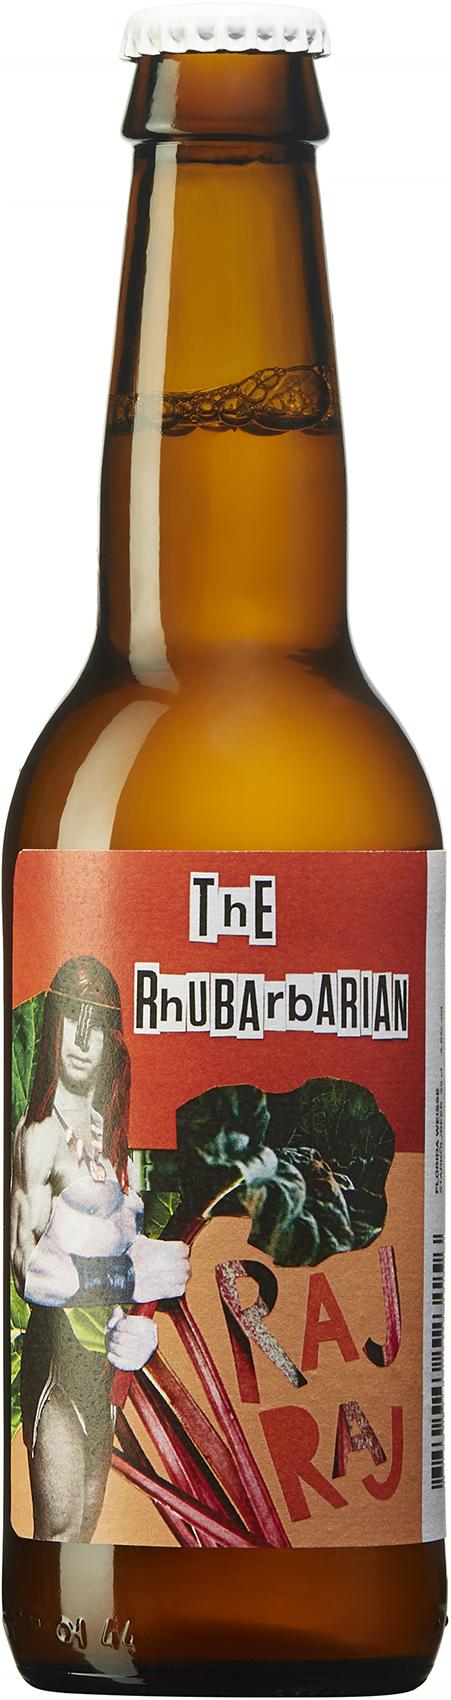 The Rhubarbarian